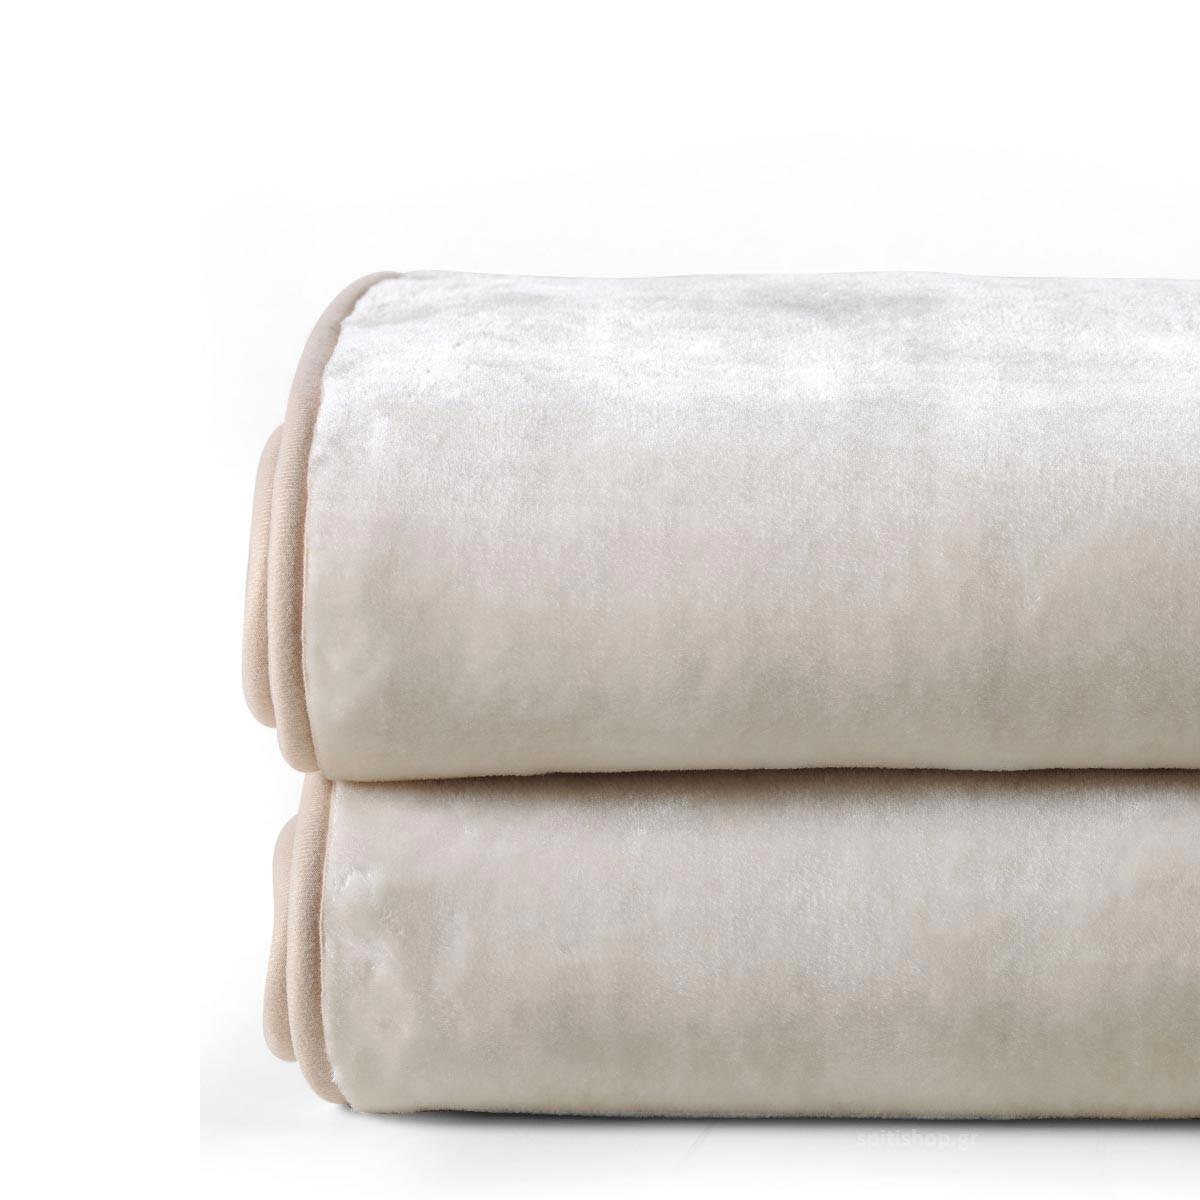 Κουβέρτα Βελουτέ Υπέρδιπλη Kentia Versus Soft 120